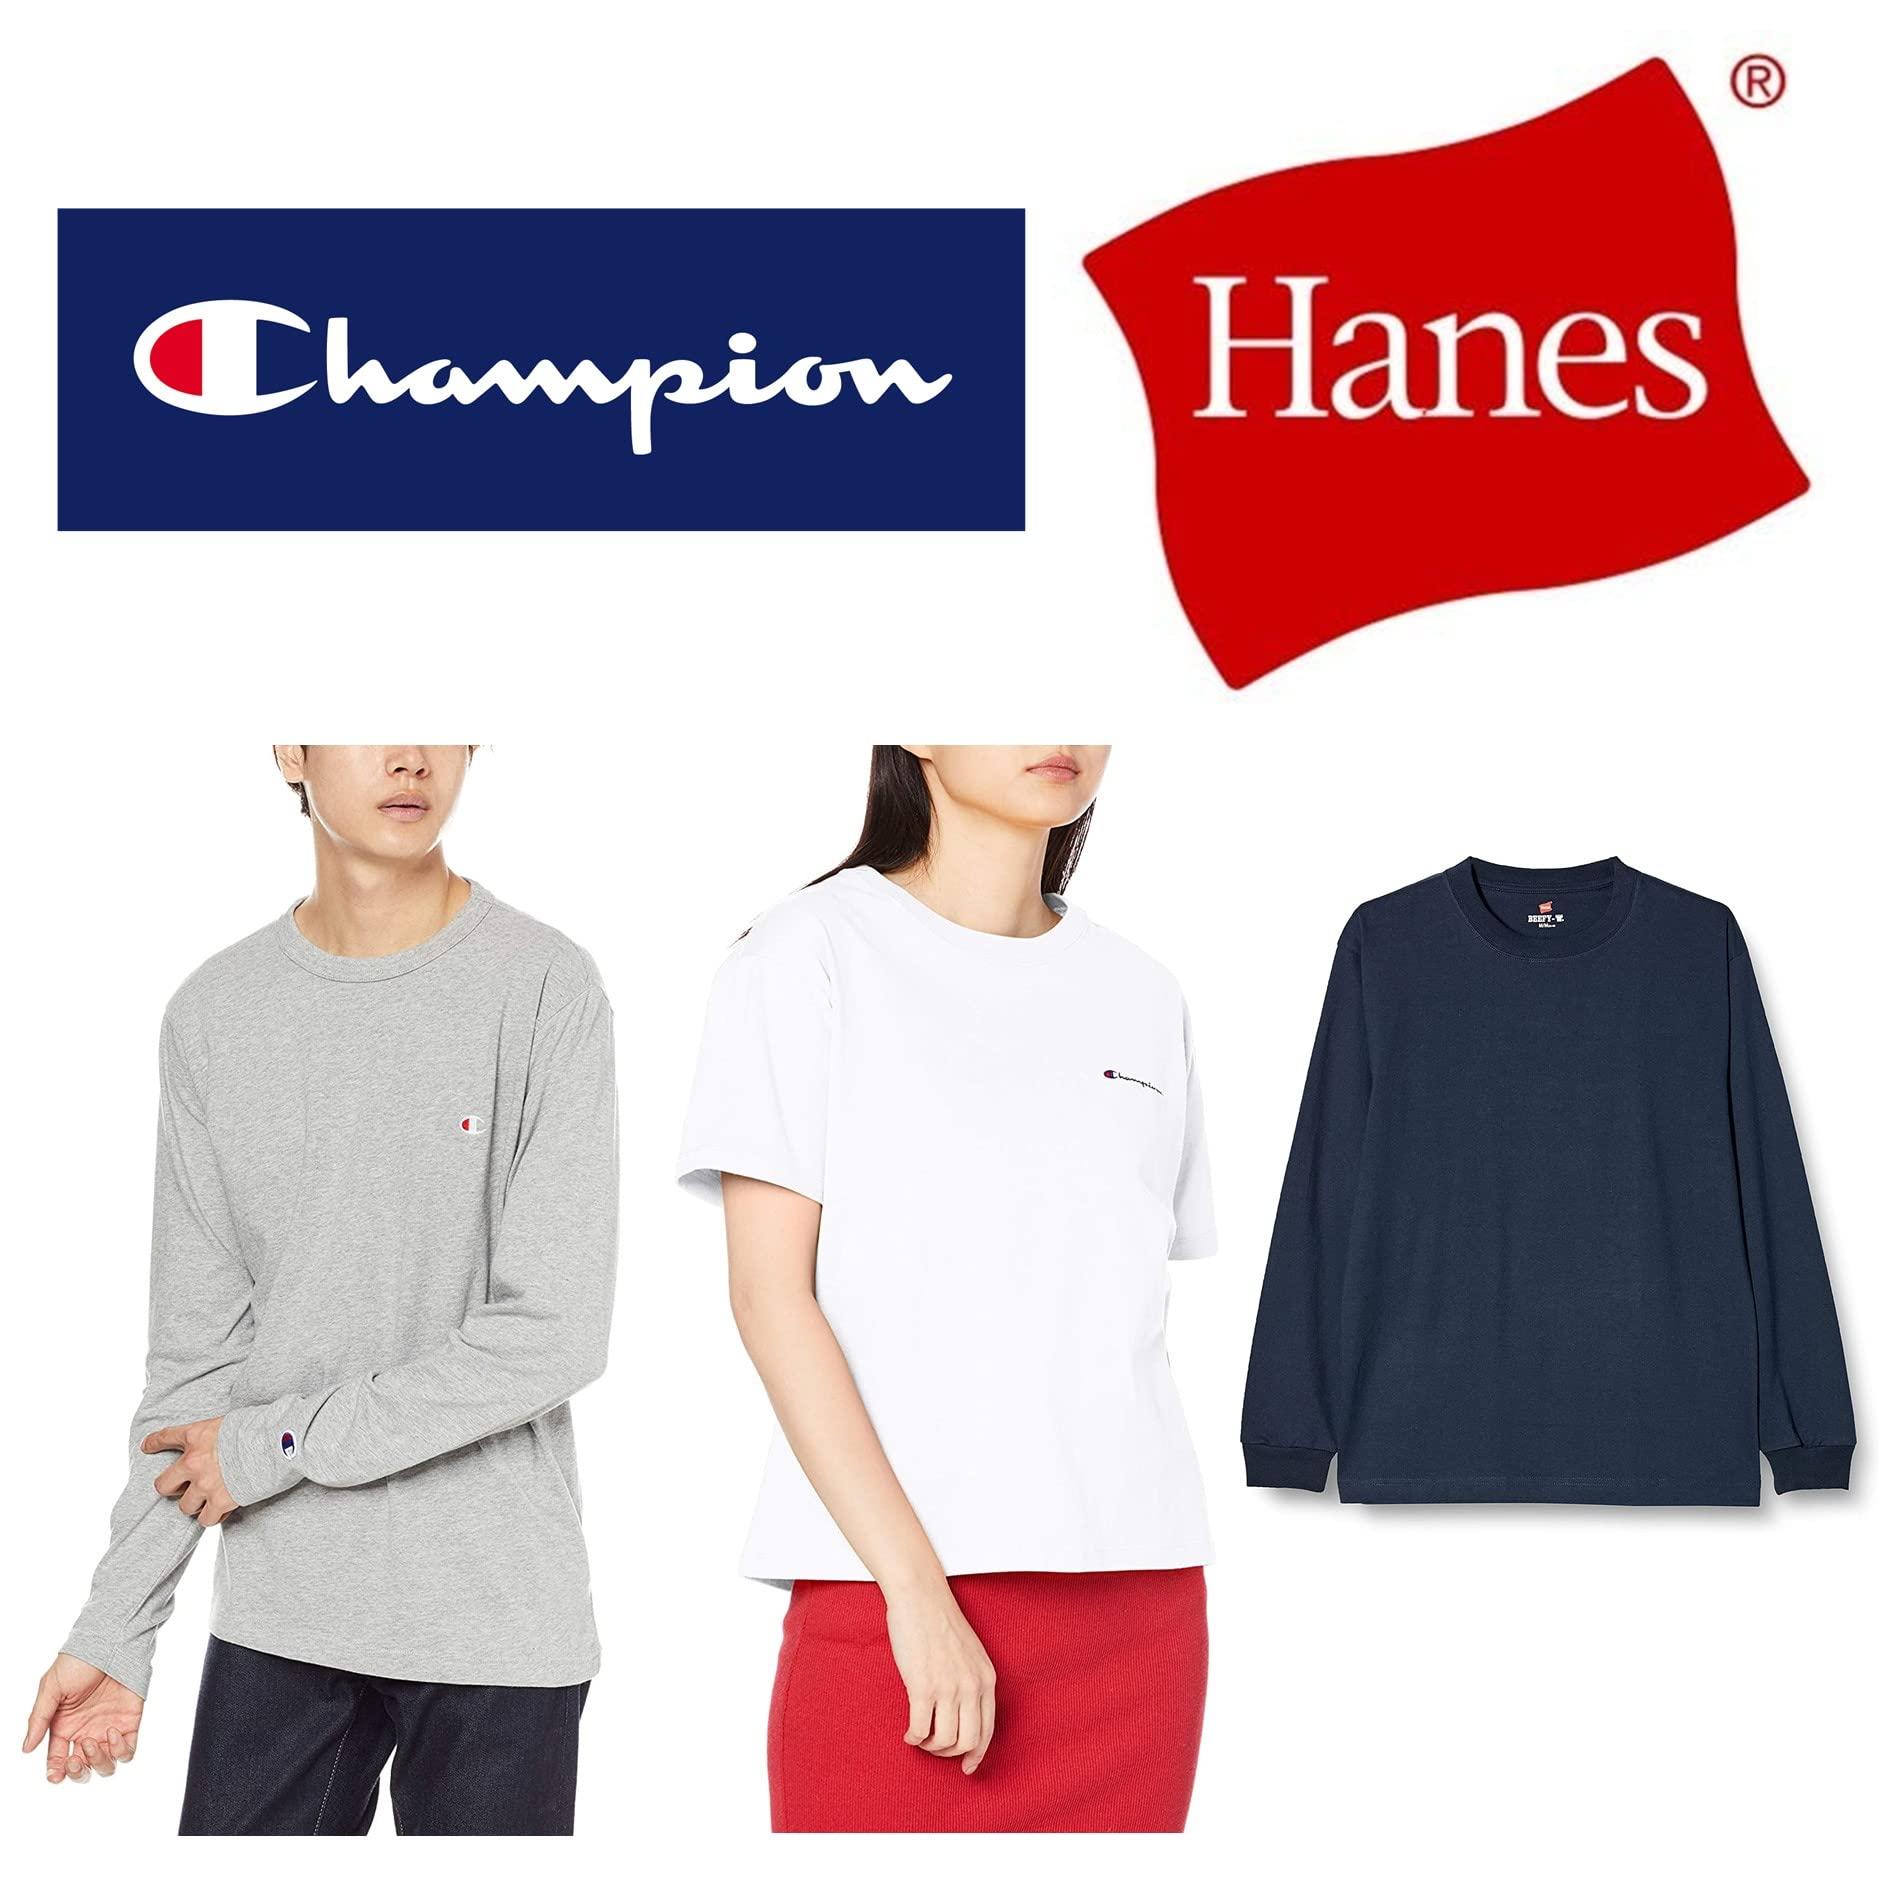 【最大50%OFF 9/9まで】チャンピオン&ヘインズの人気アイテムがお買い得; セール価格: ¥440 - ¥11,440